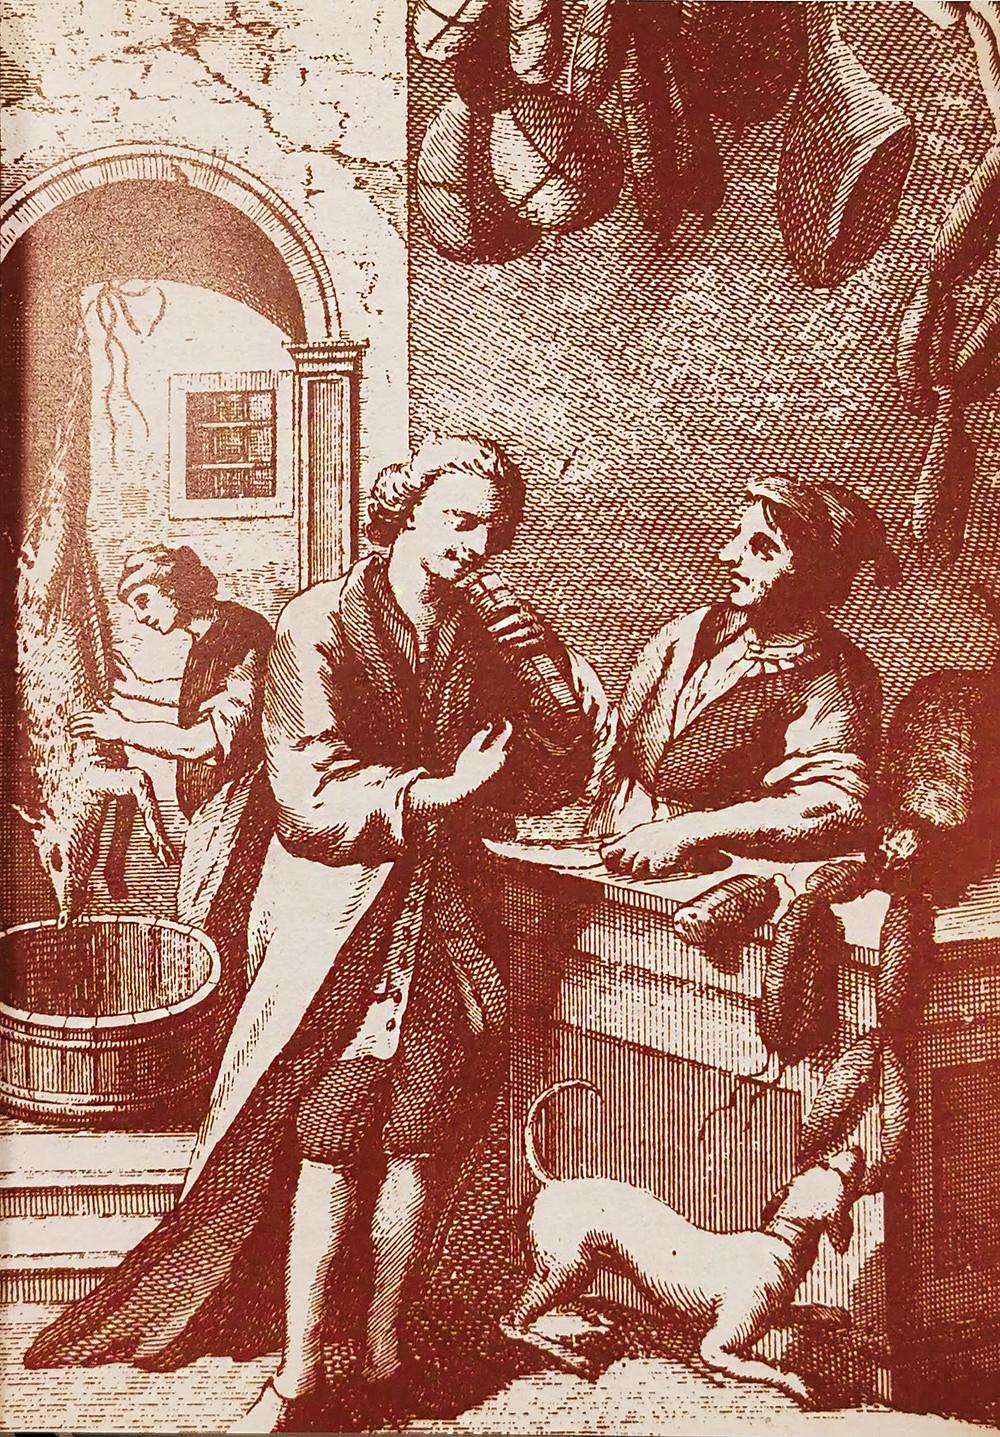 Il Salumaio. Estampa do século XVIII, Bolonha,Itália. Arquivo do estado de Parma.